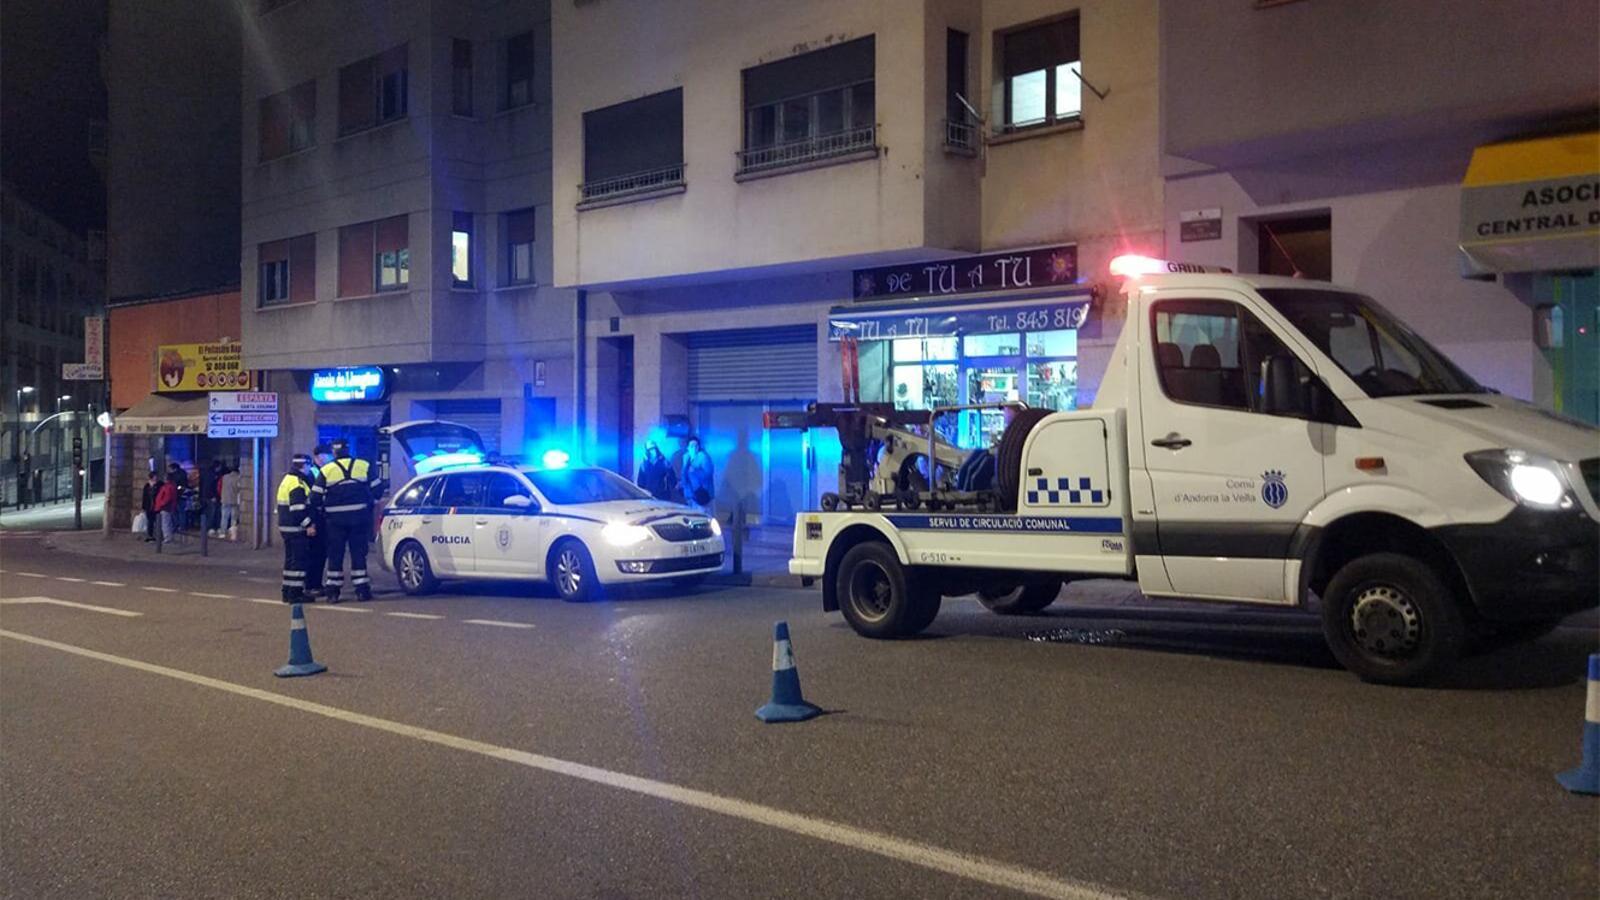 El lloc dels fets amb la dotació policial i el servei de circulació aixecant acte. / M. M. (ANA)